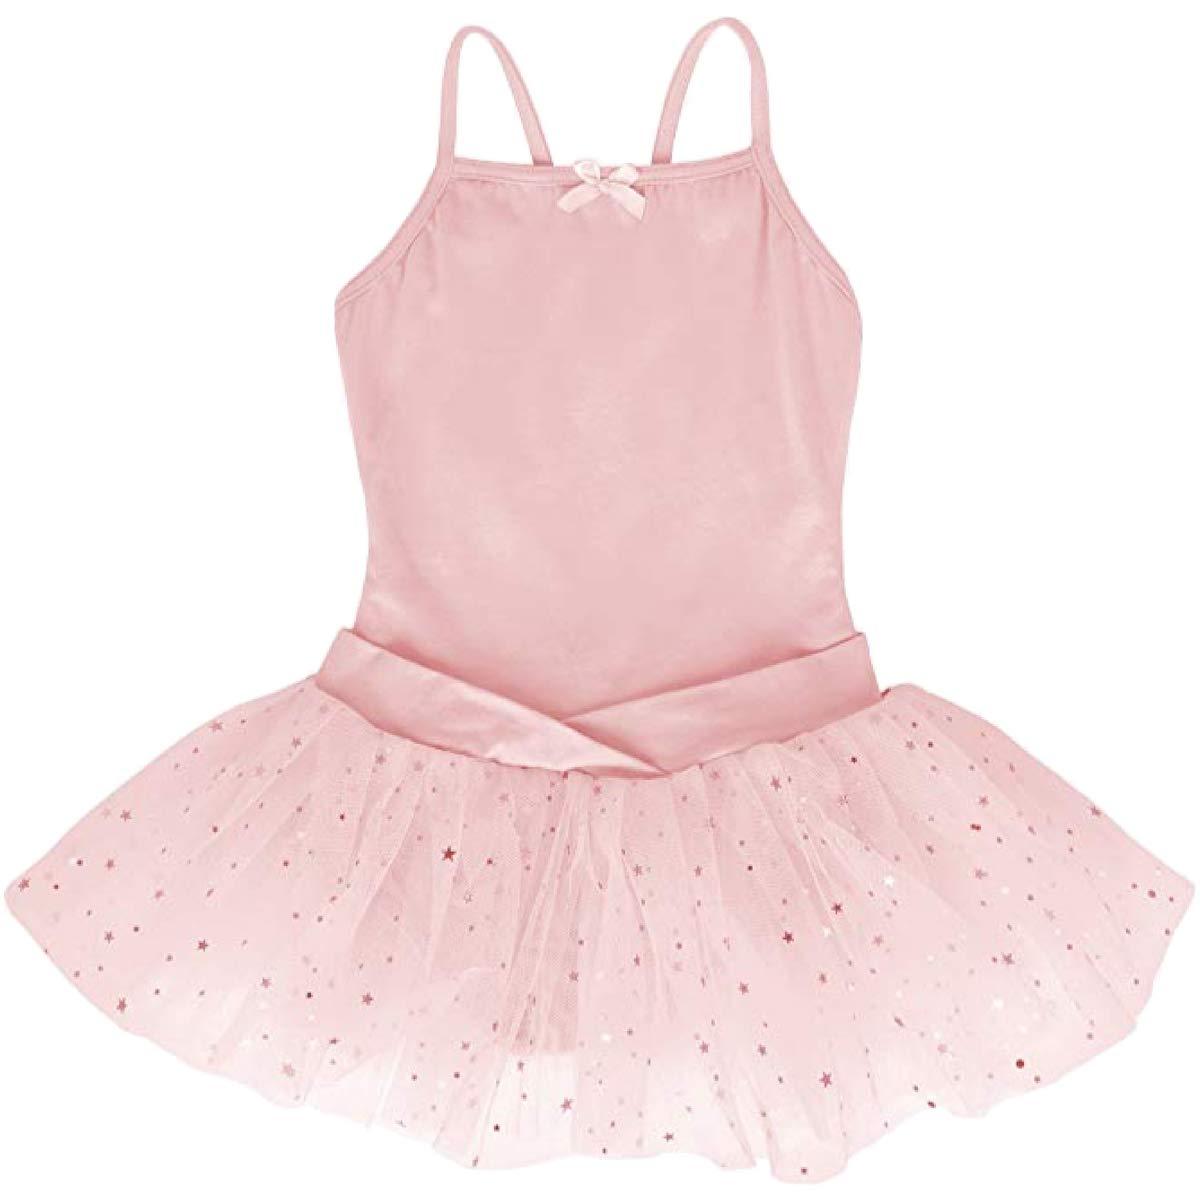 Dancina Ballet Leotards for Girls 5 Ballet Pink Tutu